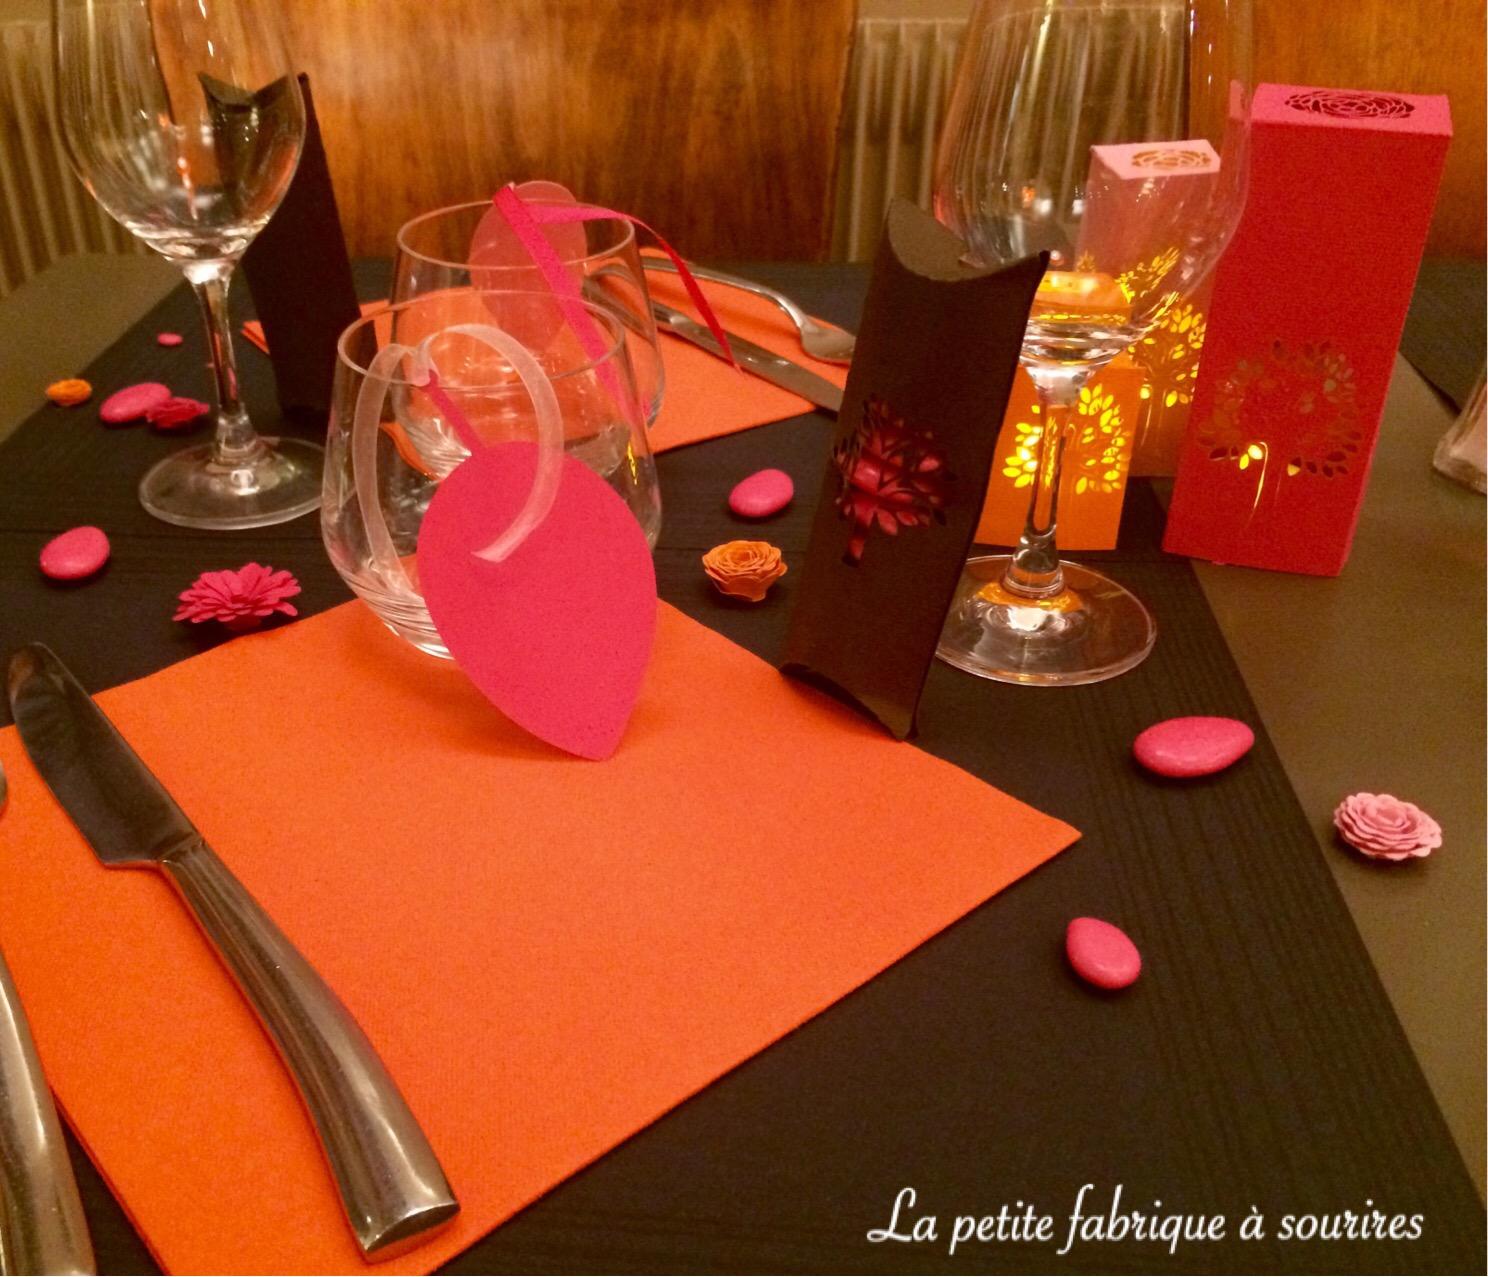 Décoration de table thème arbre©Lapetitefabriqueasourires